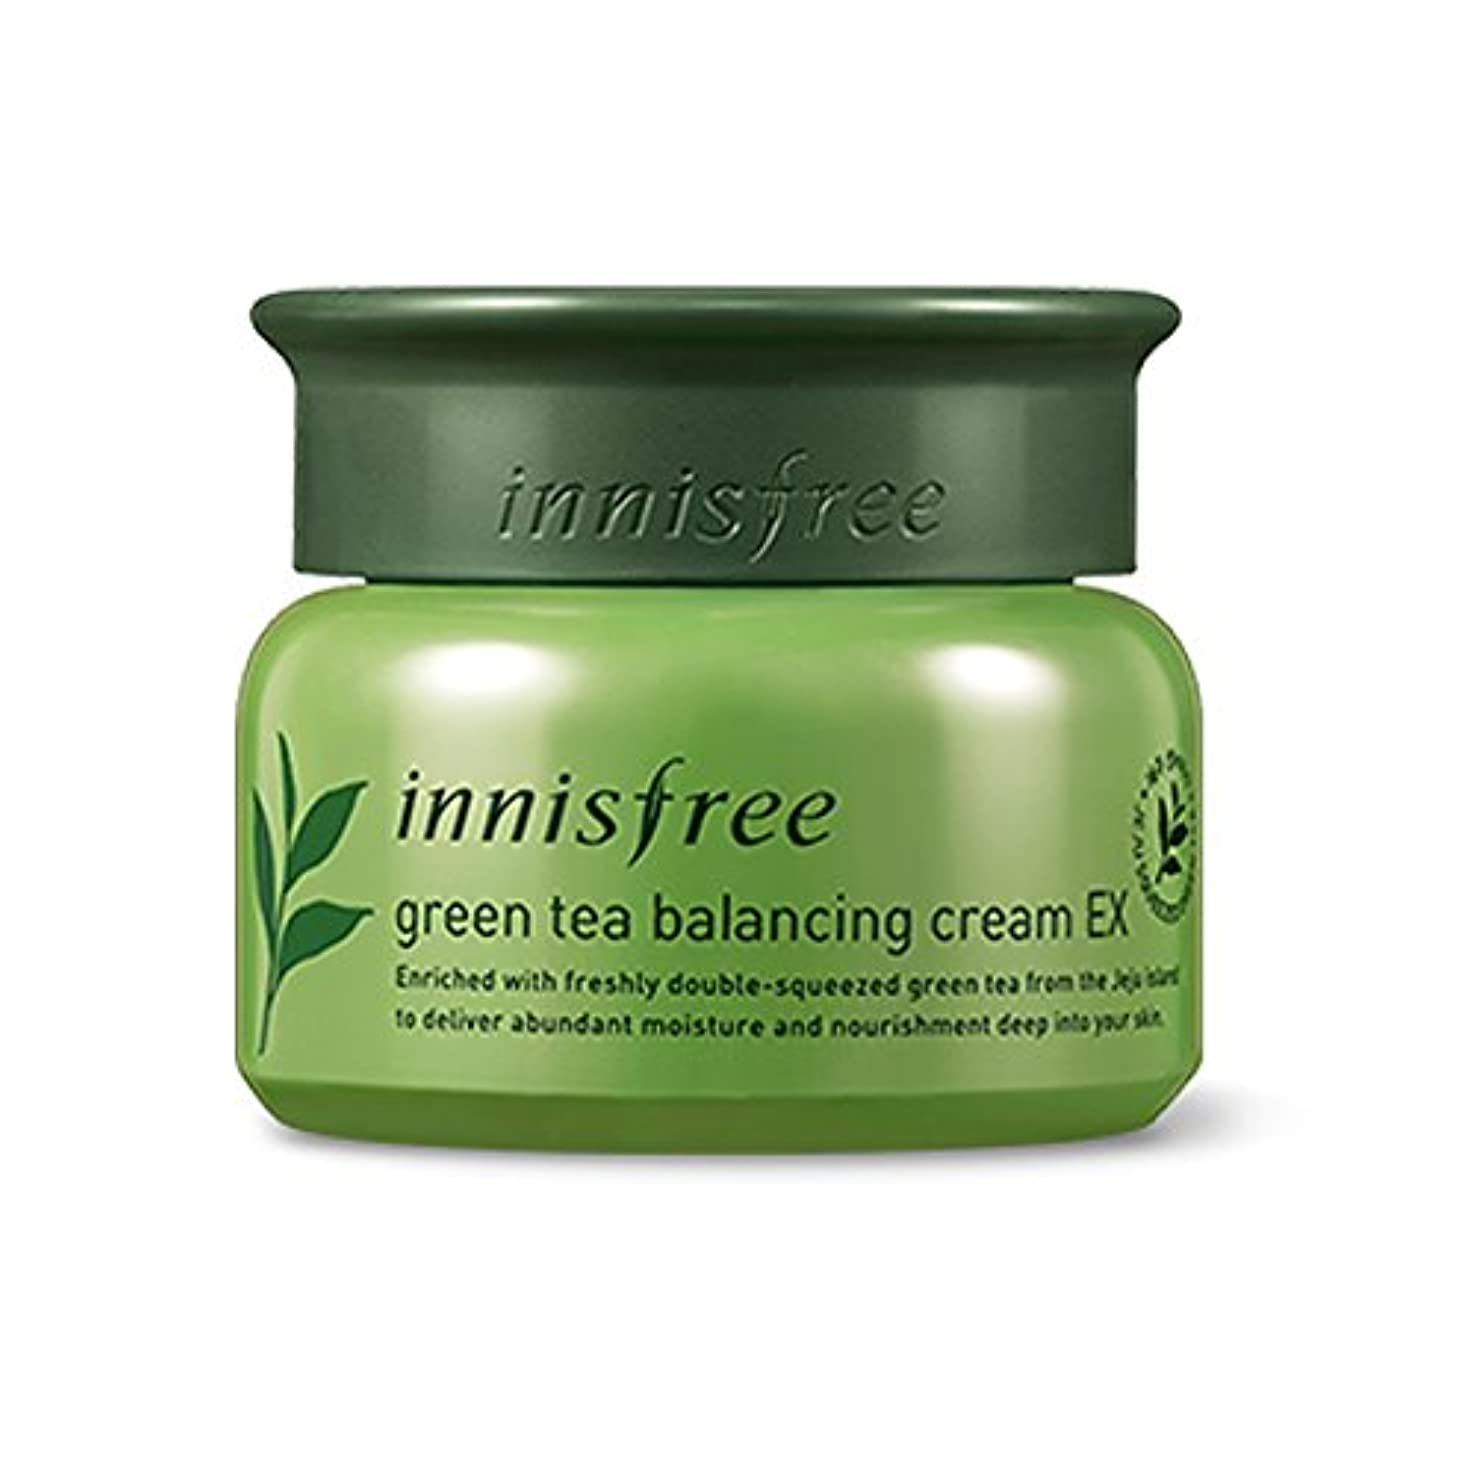 記念碑的な達成一握りイニスフリーグリーンティーバランスクリーム50ml「2018新製品」 Innisfree Green Tea Balancing Cream 50ml